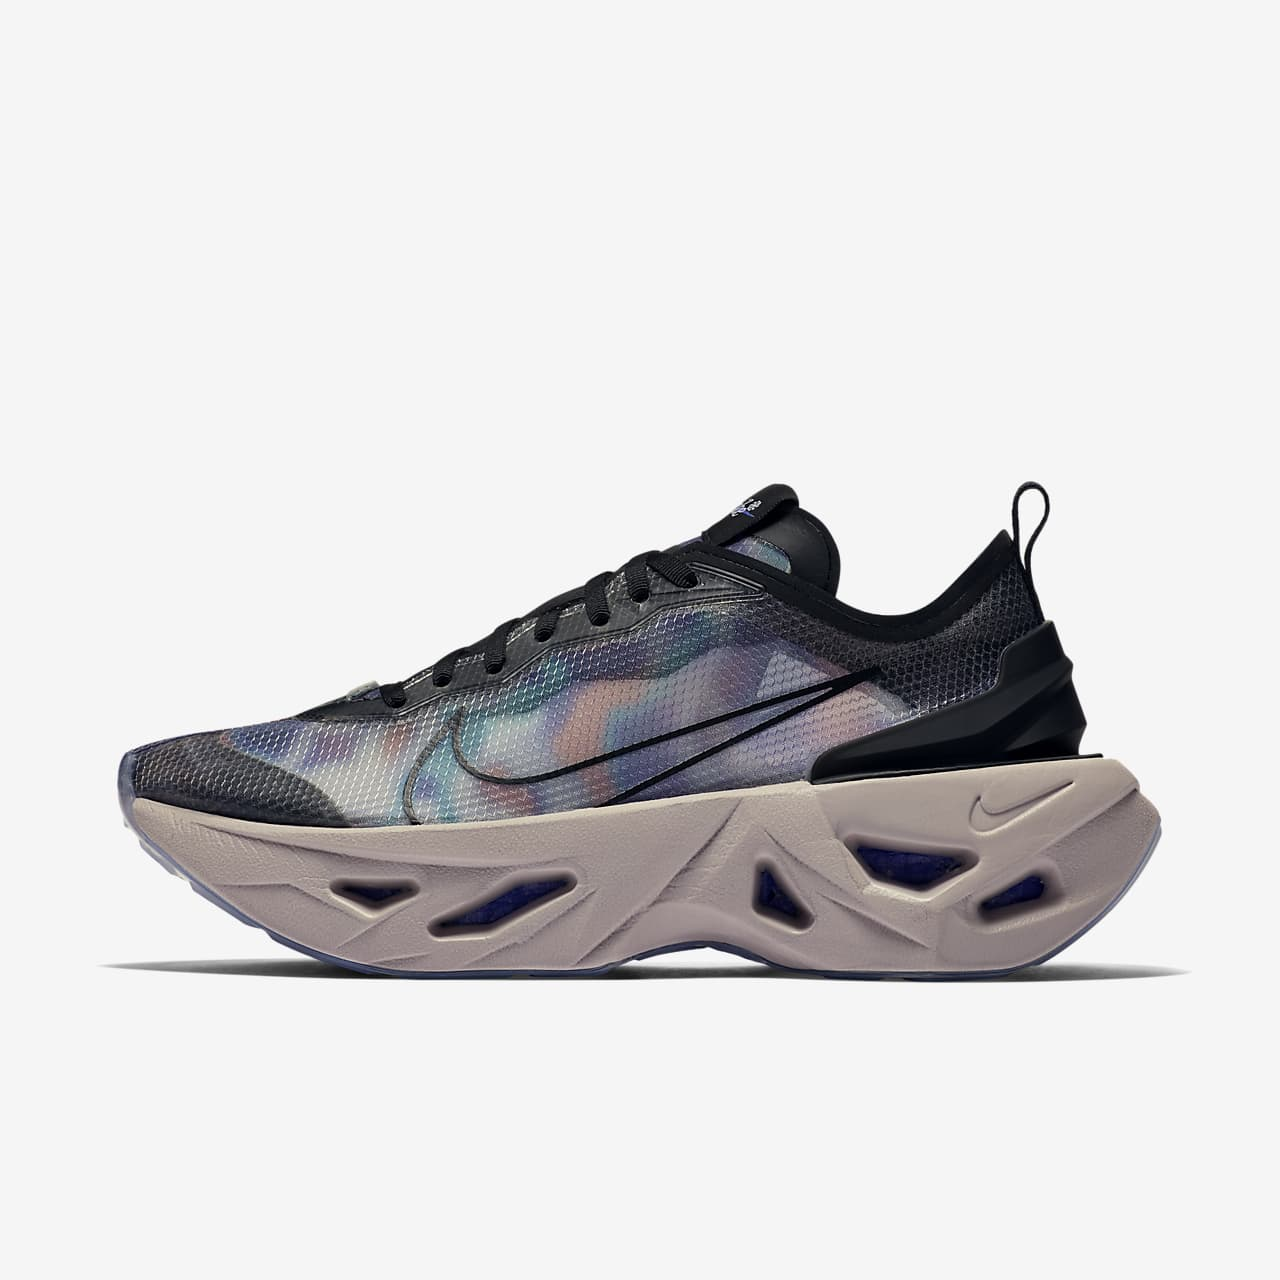 Nike ZoomX Vista Grind SP sko til dame